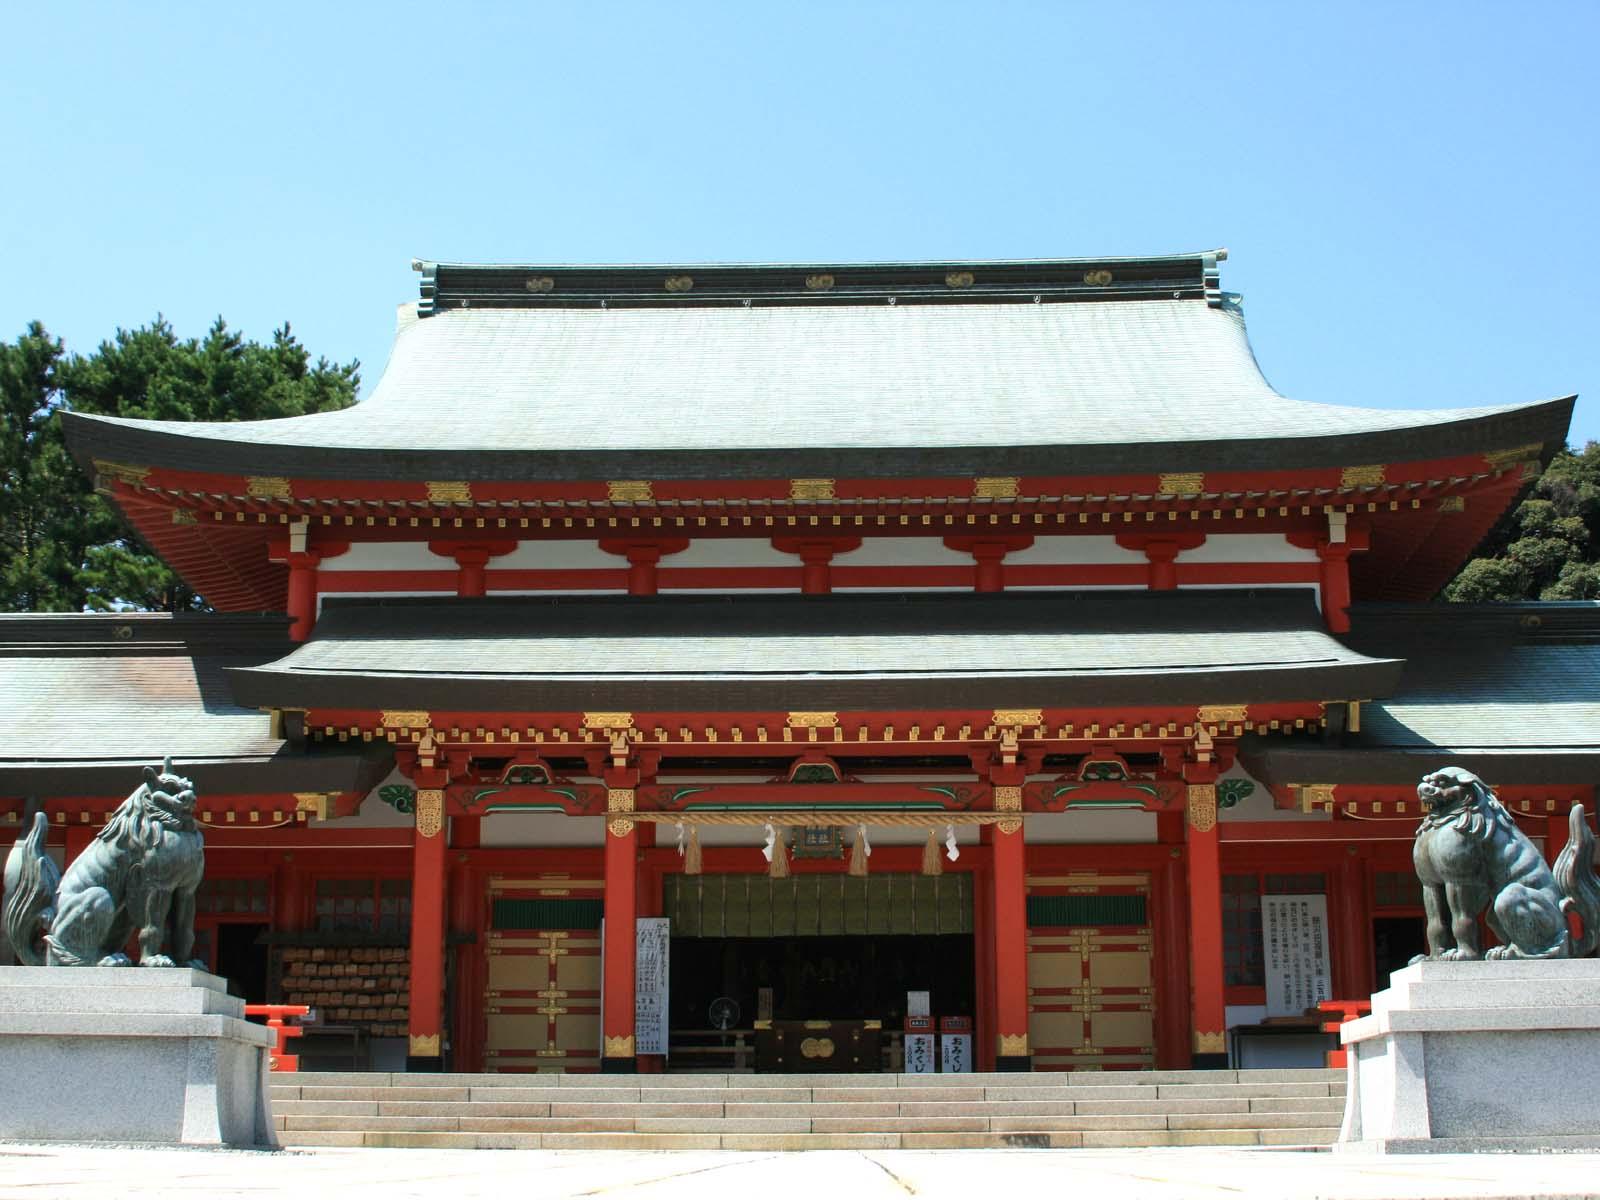 静岡県浜松市をもっと知りたい、使いたい! 浜松情報BOOK 浜松の情報資源発掘ツール